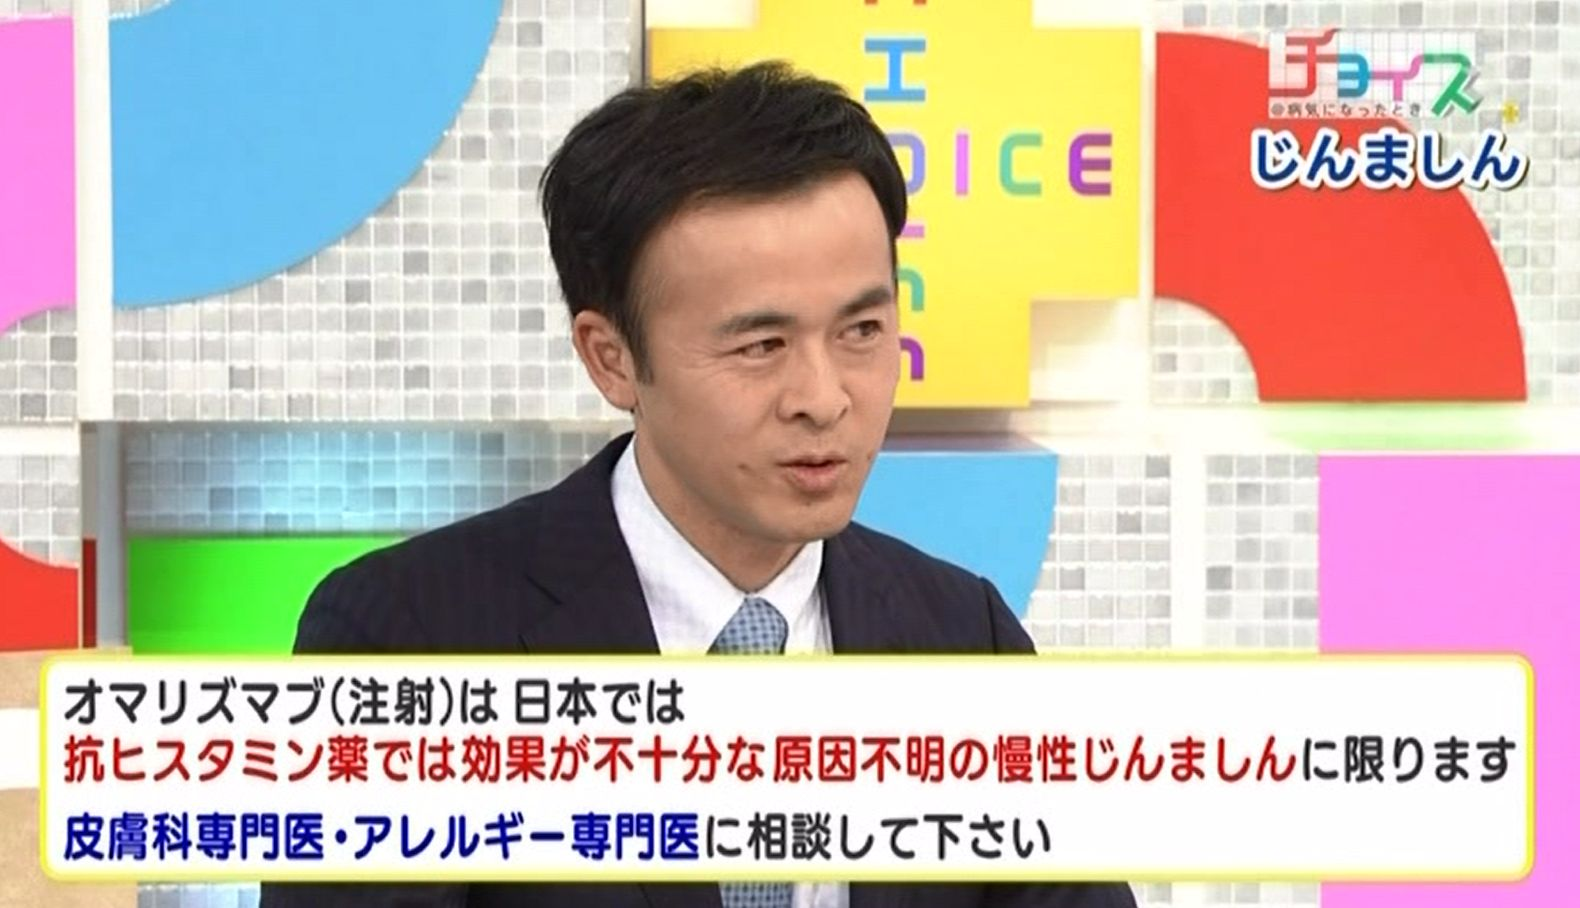 オマリズマブ(注射)は日本では抗ヒスタミン薬では効果が不十分な原因不明の慢性蕁麻疹に限る